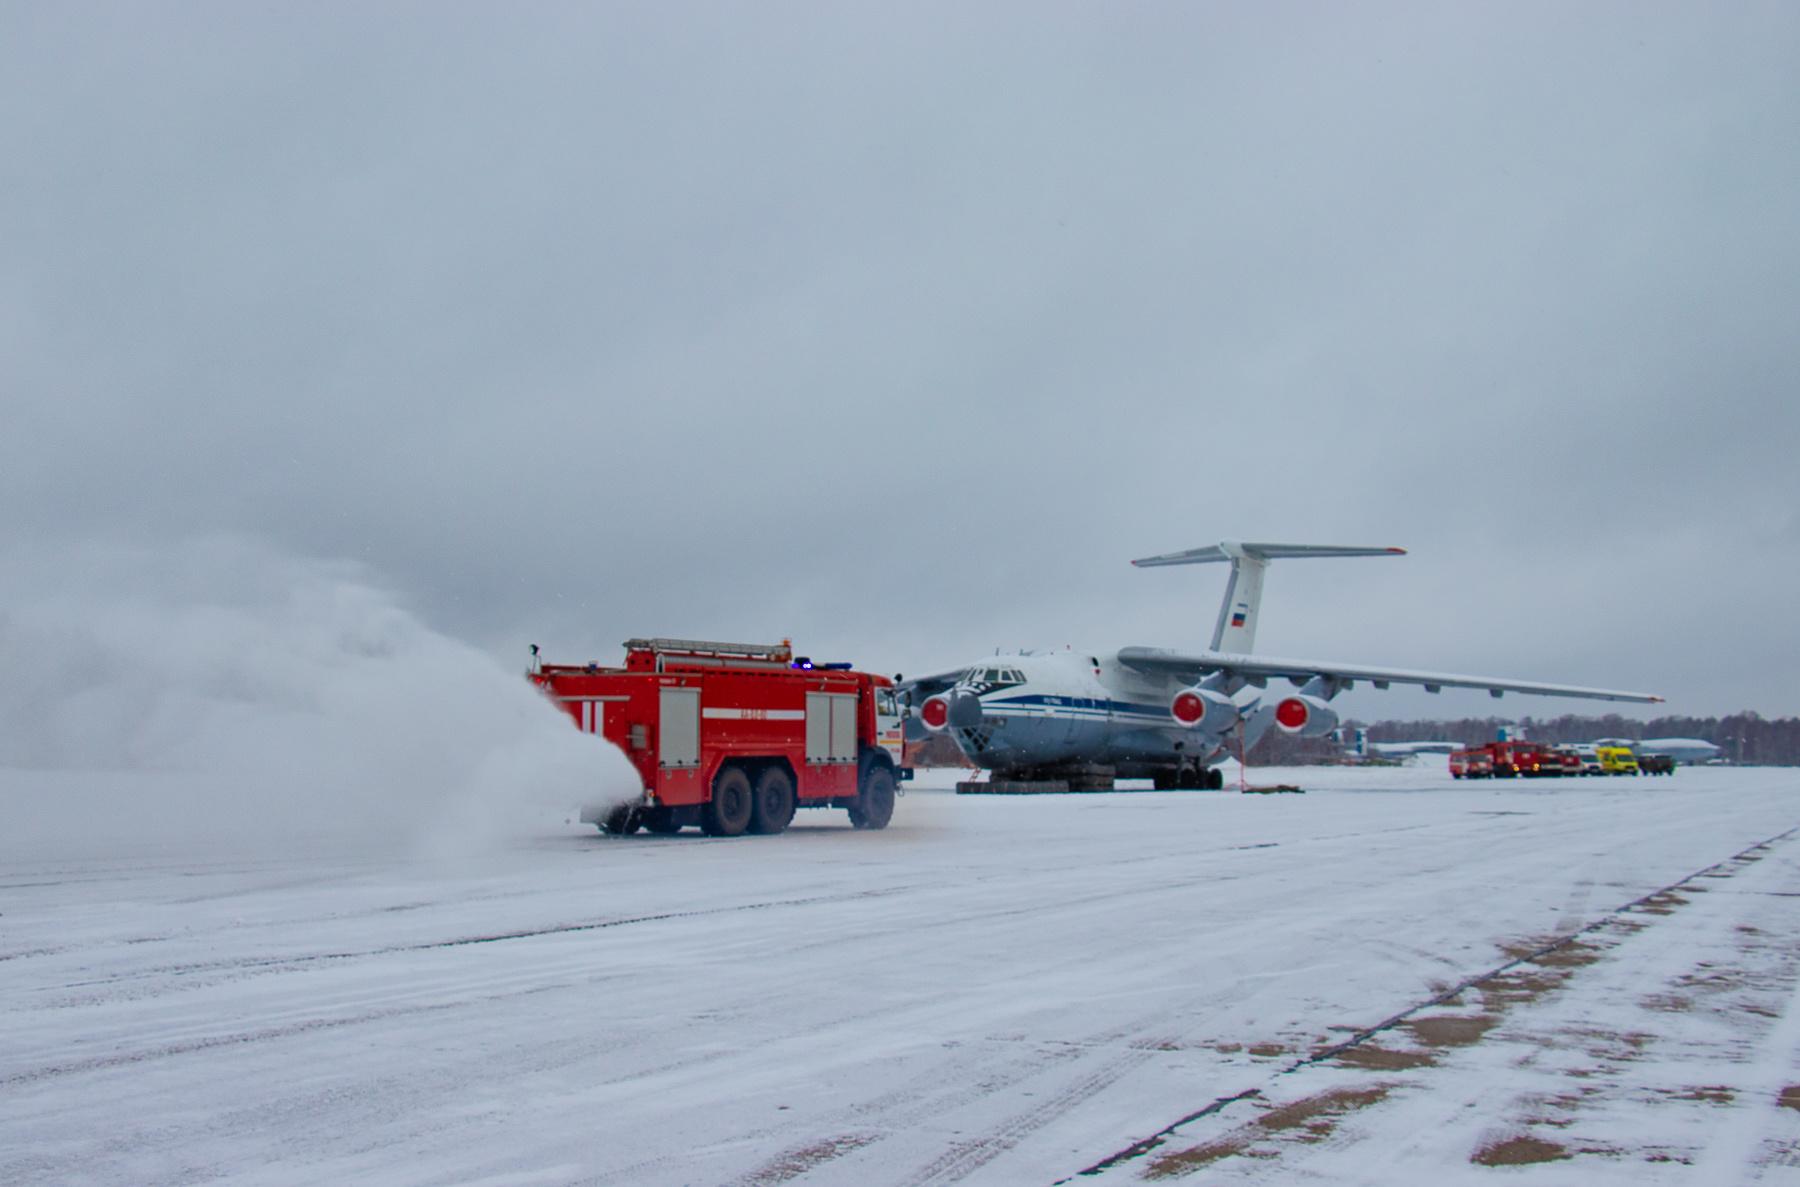 В Твери на аэродроме «Мигалово» пожарные тушили самолет